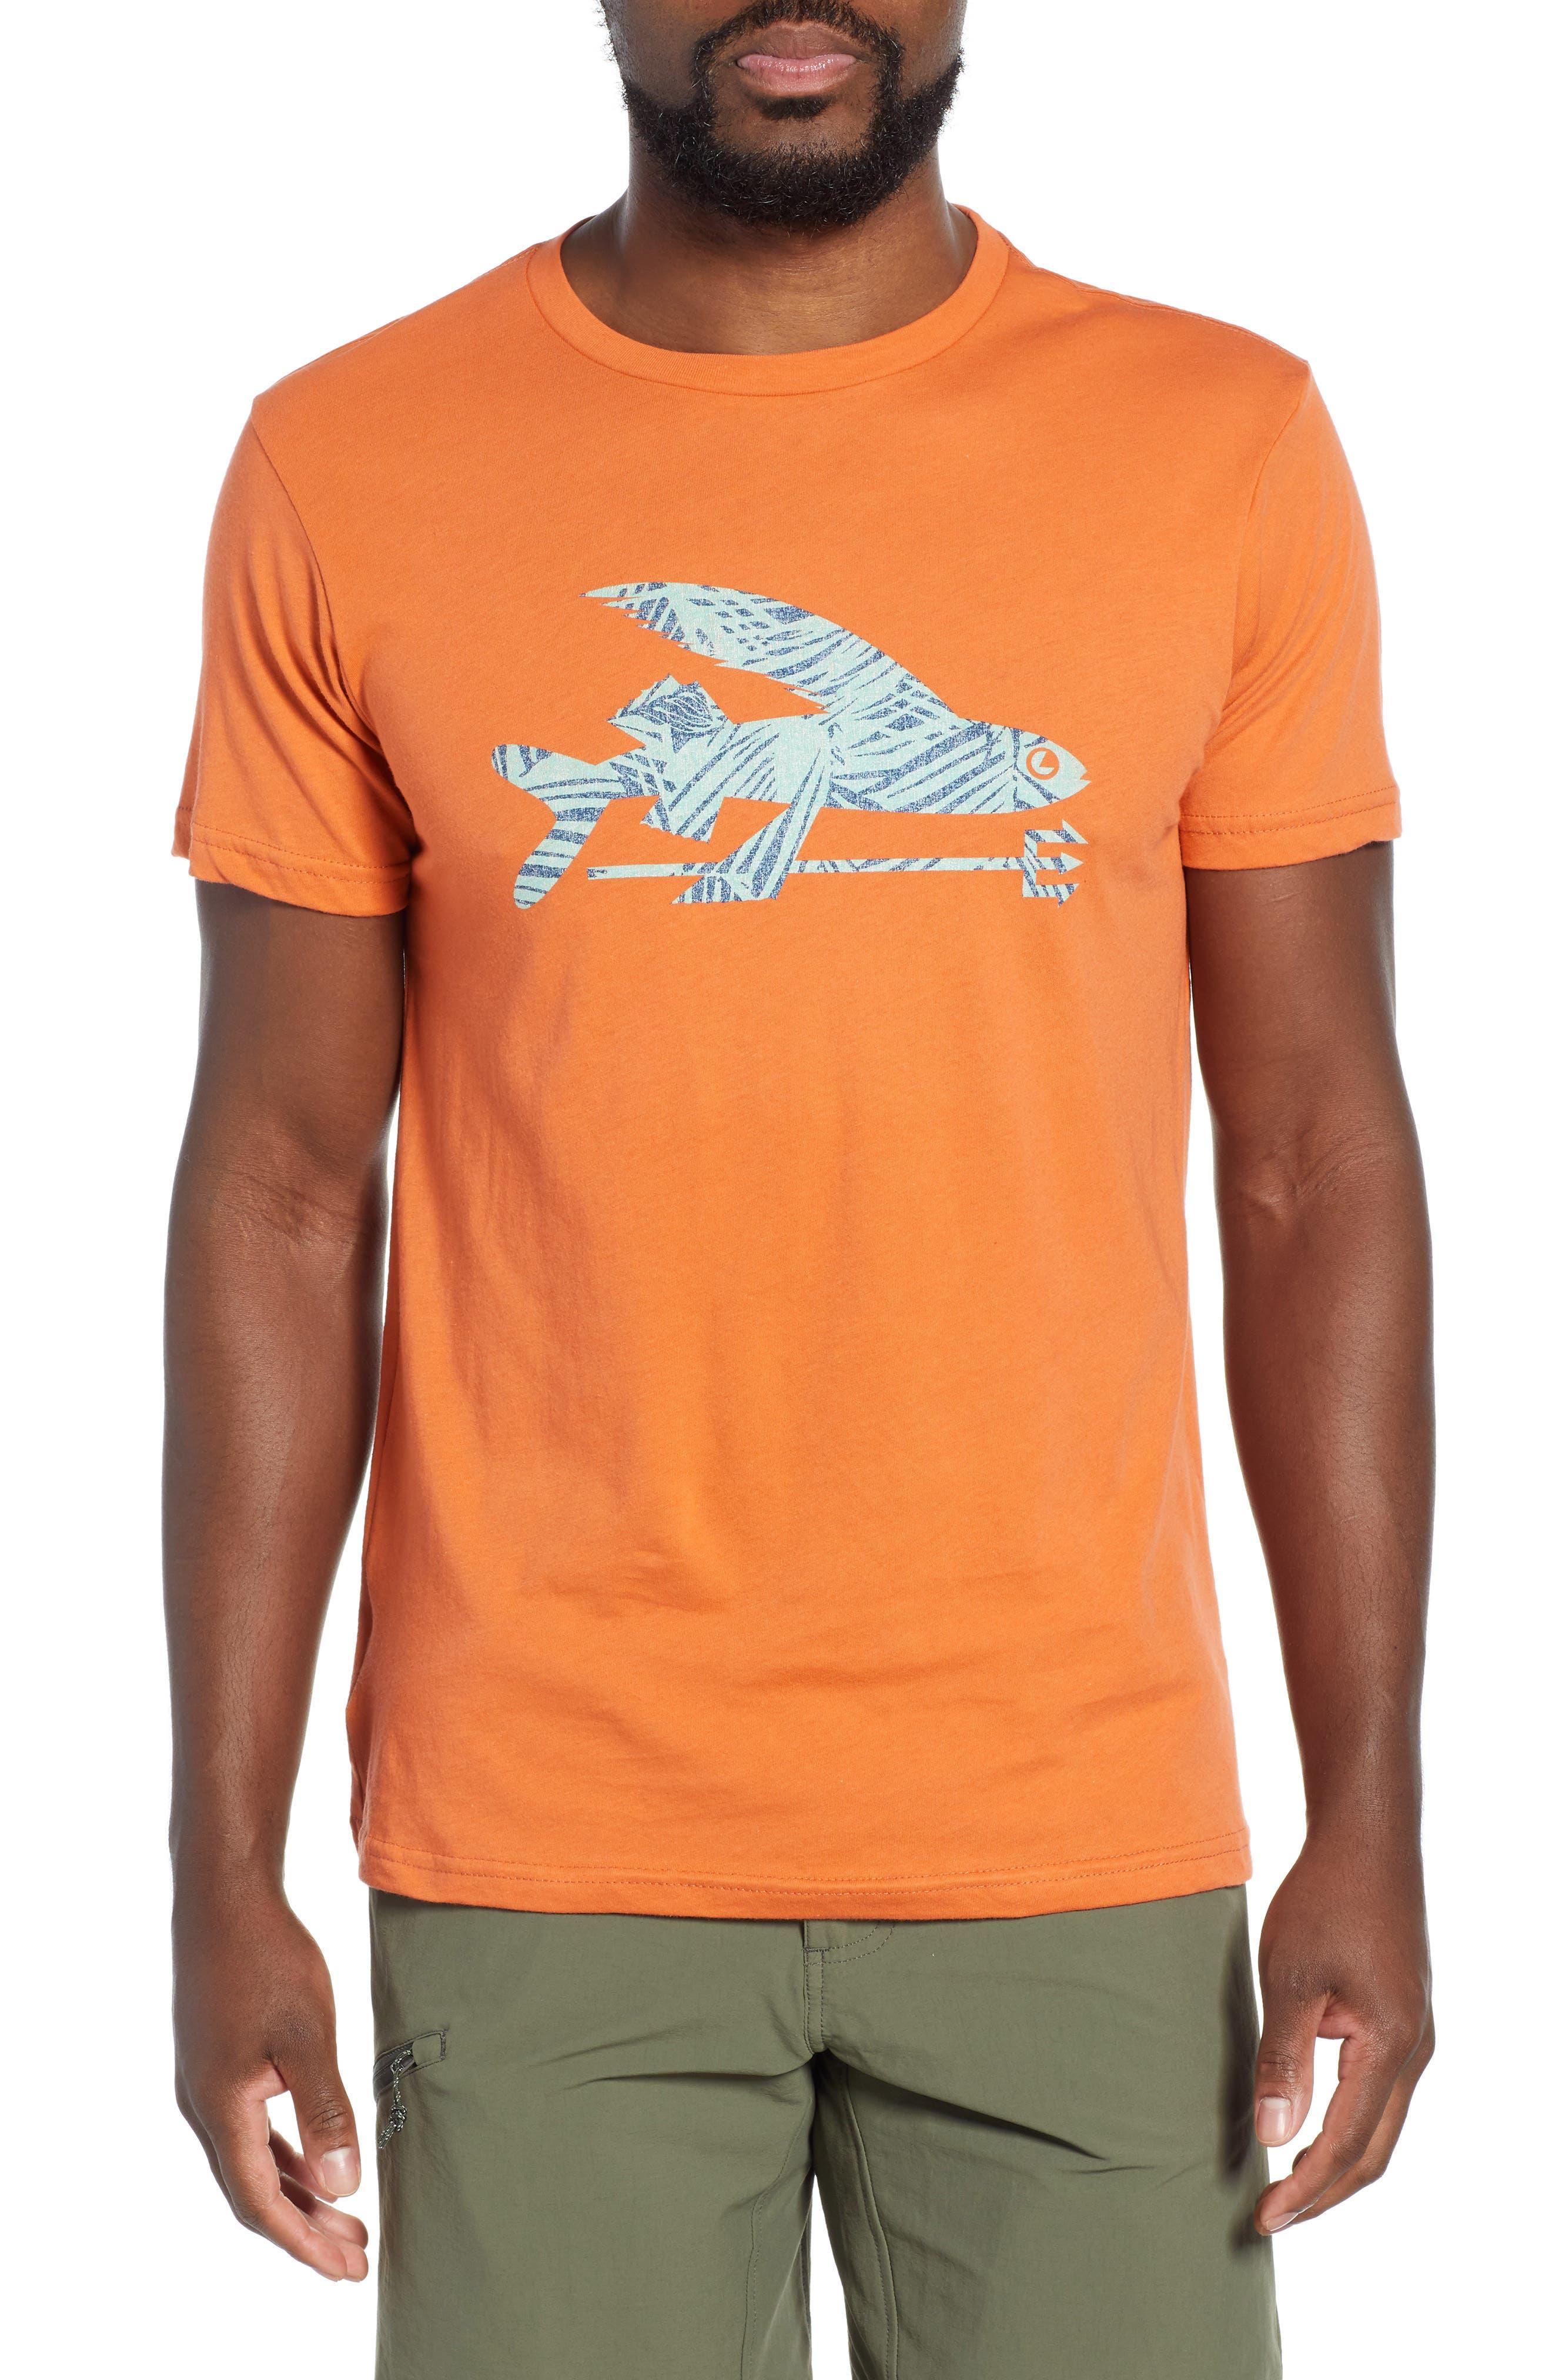 Patagonia Flying Fish Organic Cotton T-Shirt, Orange